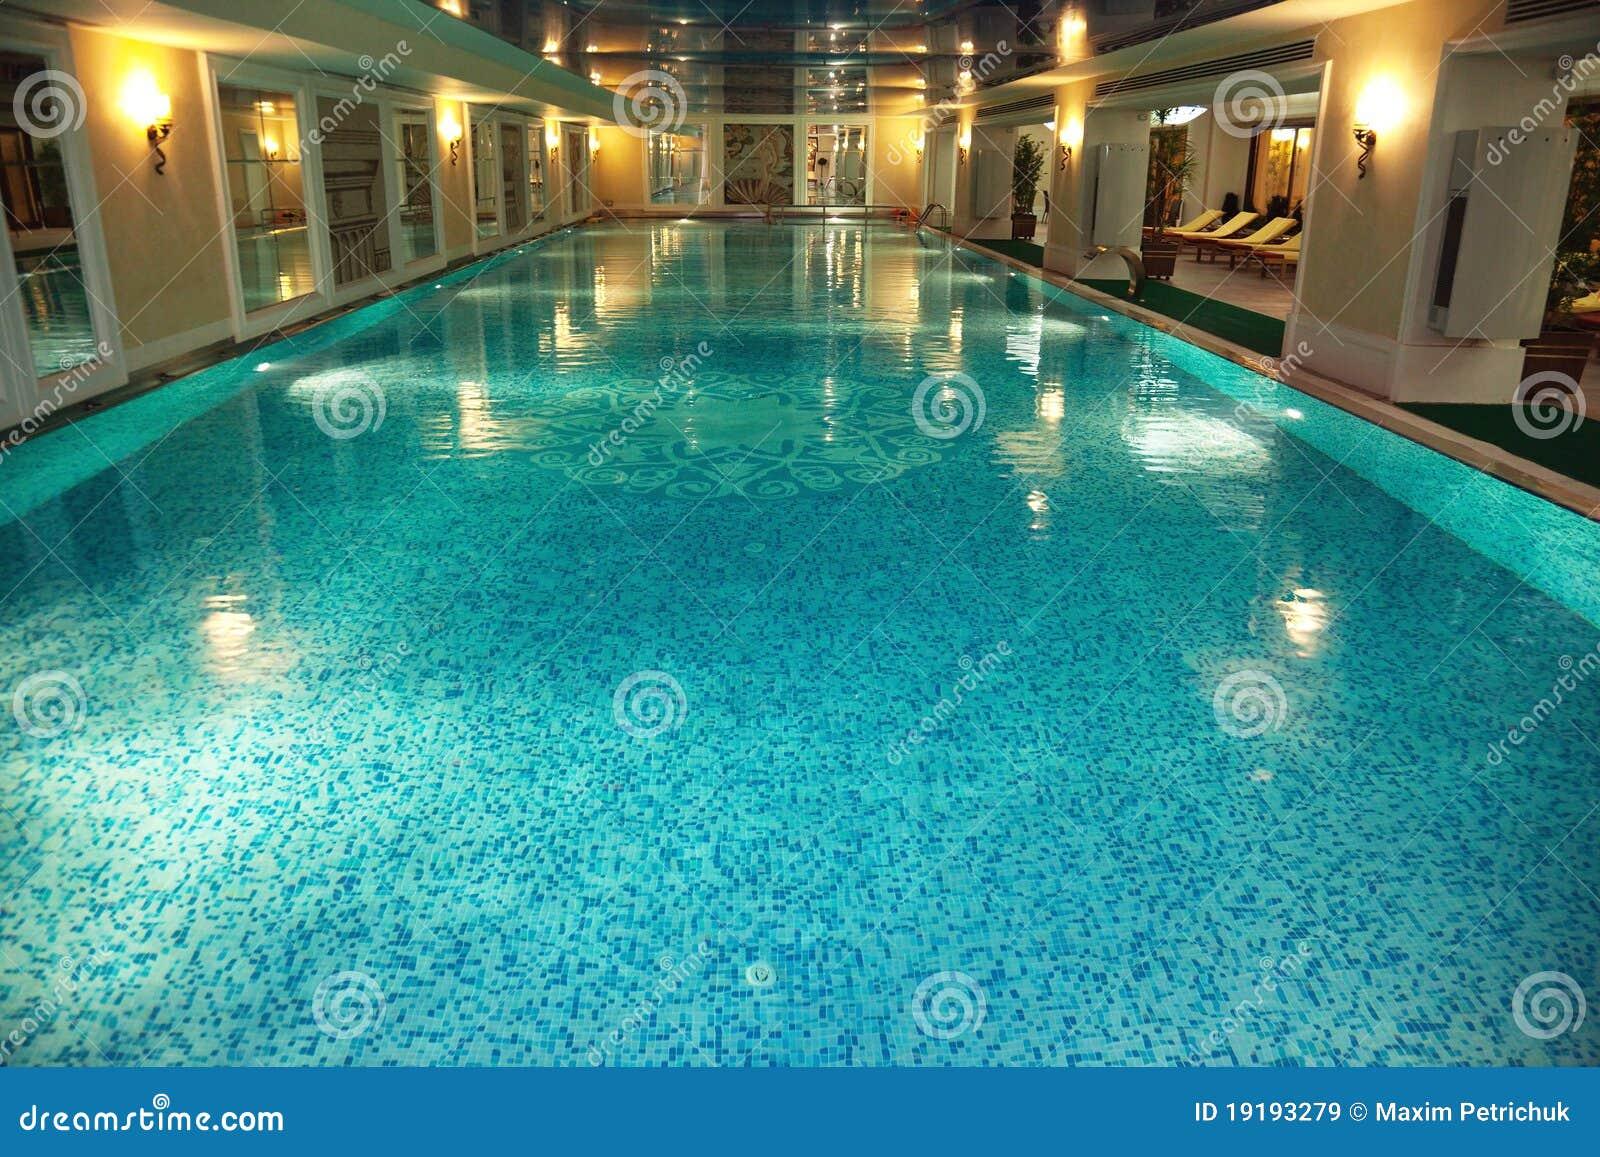 Het binnen zwembad van de luxe royalty vrije stock afbeeldingen beeld 19193279 - Zwembad interieur design ...